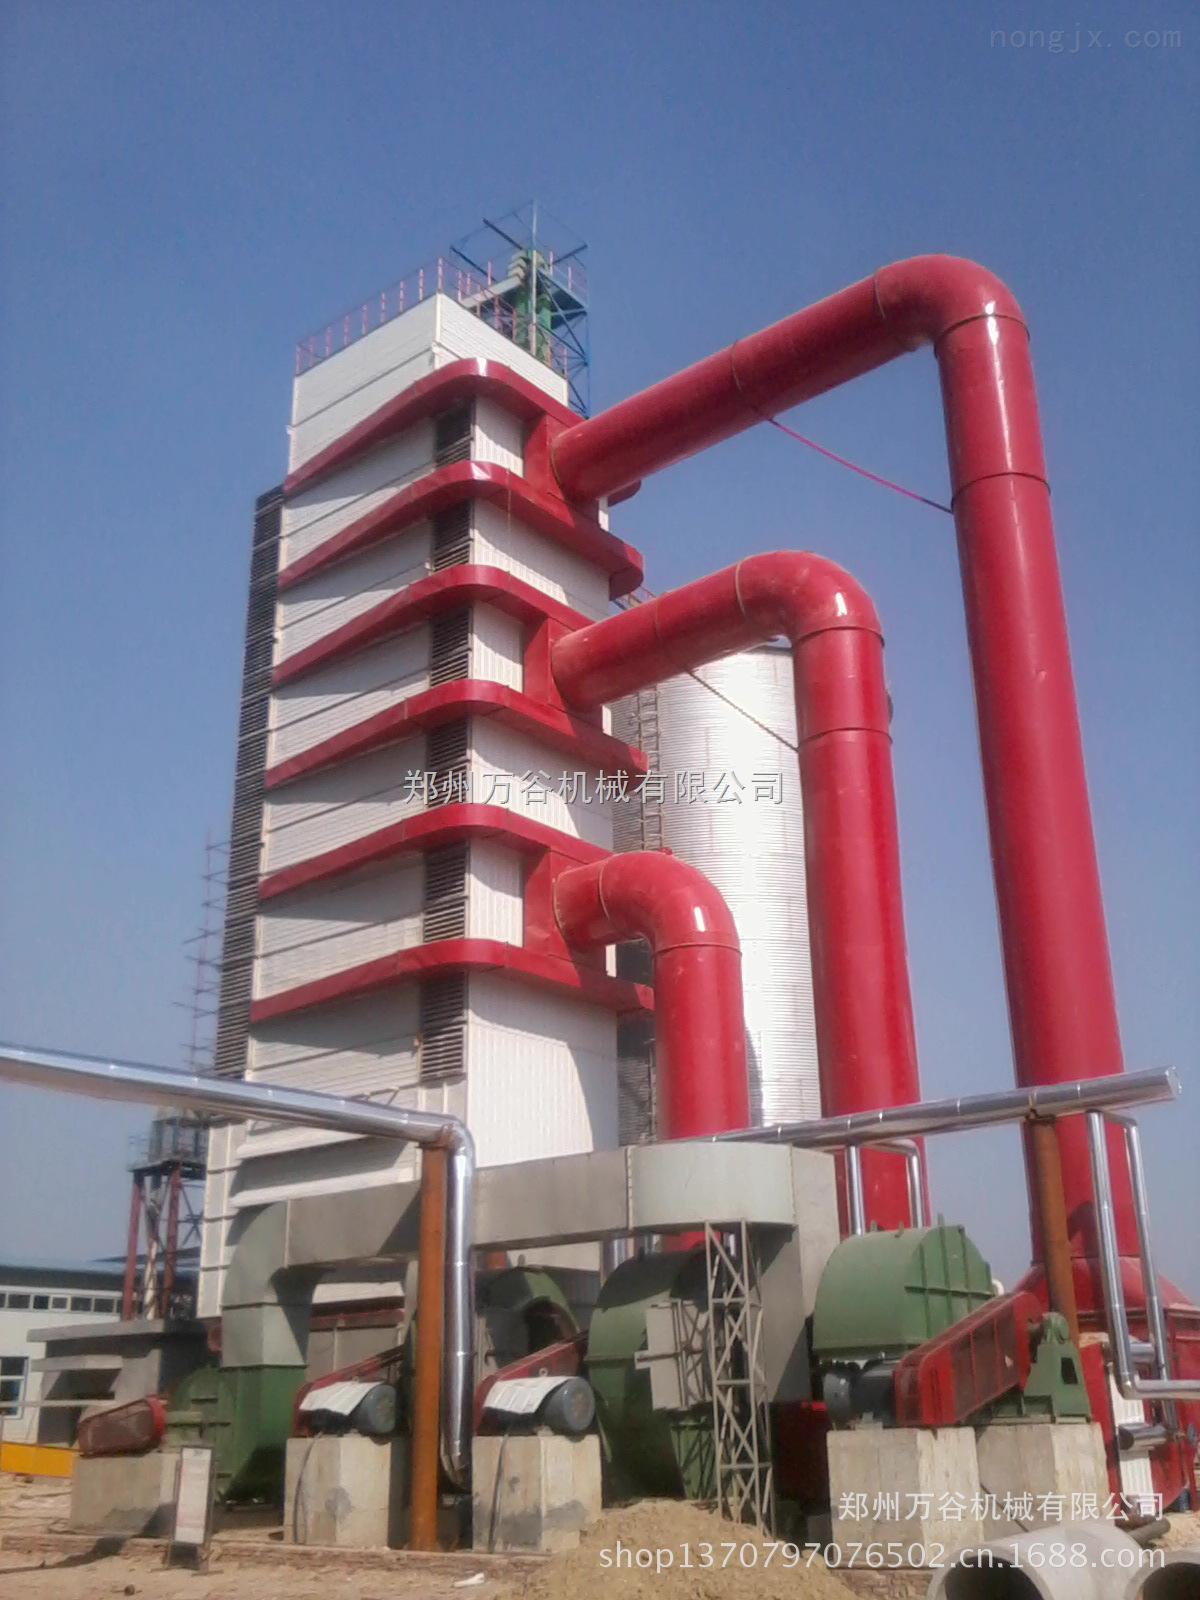 大型玉米烘干机   玉米烘干塔   河南省工业节能产品